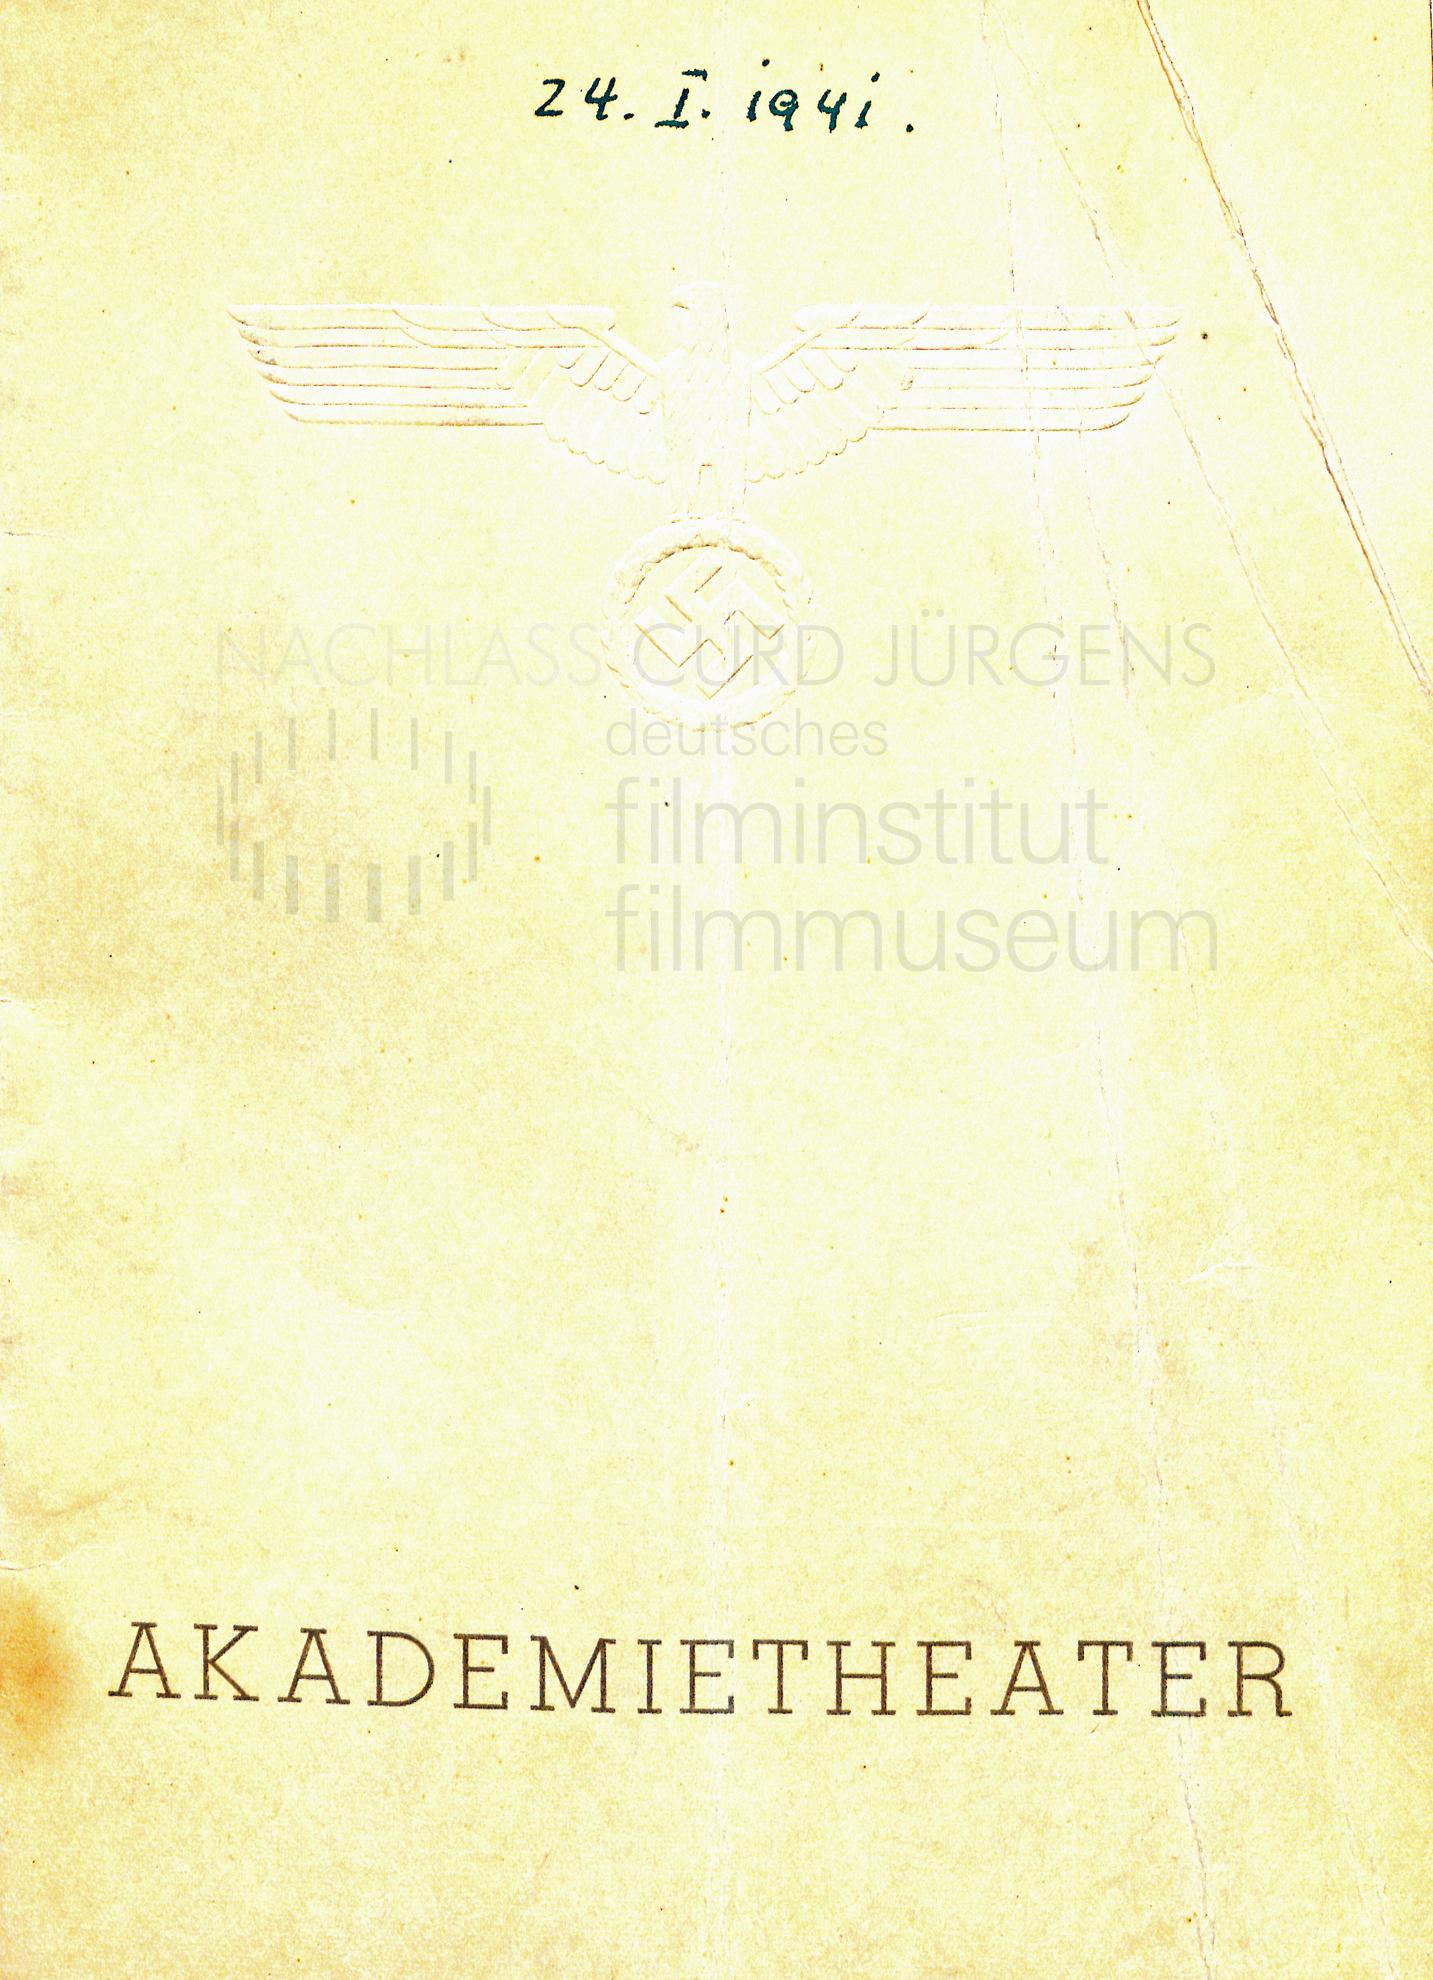 """""""Die Söhne des Herrn Grafen"""" Programm. Akademietheater, Wien, 24.1.1941"""